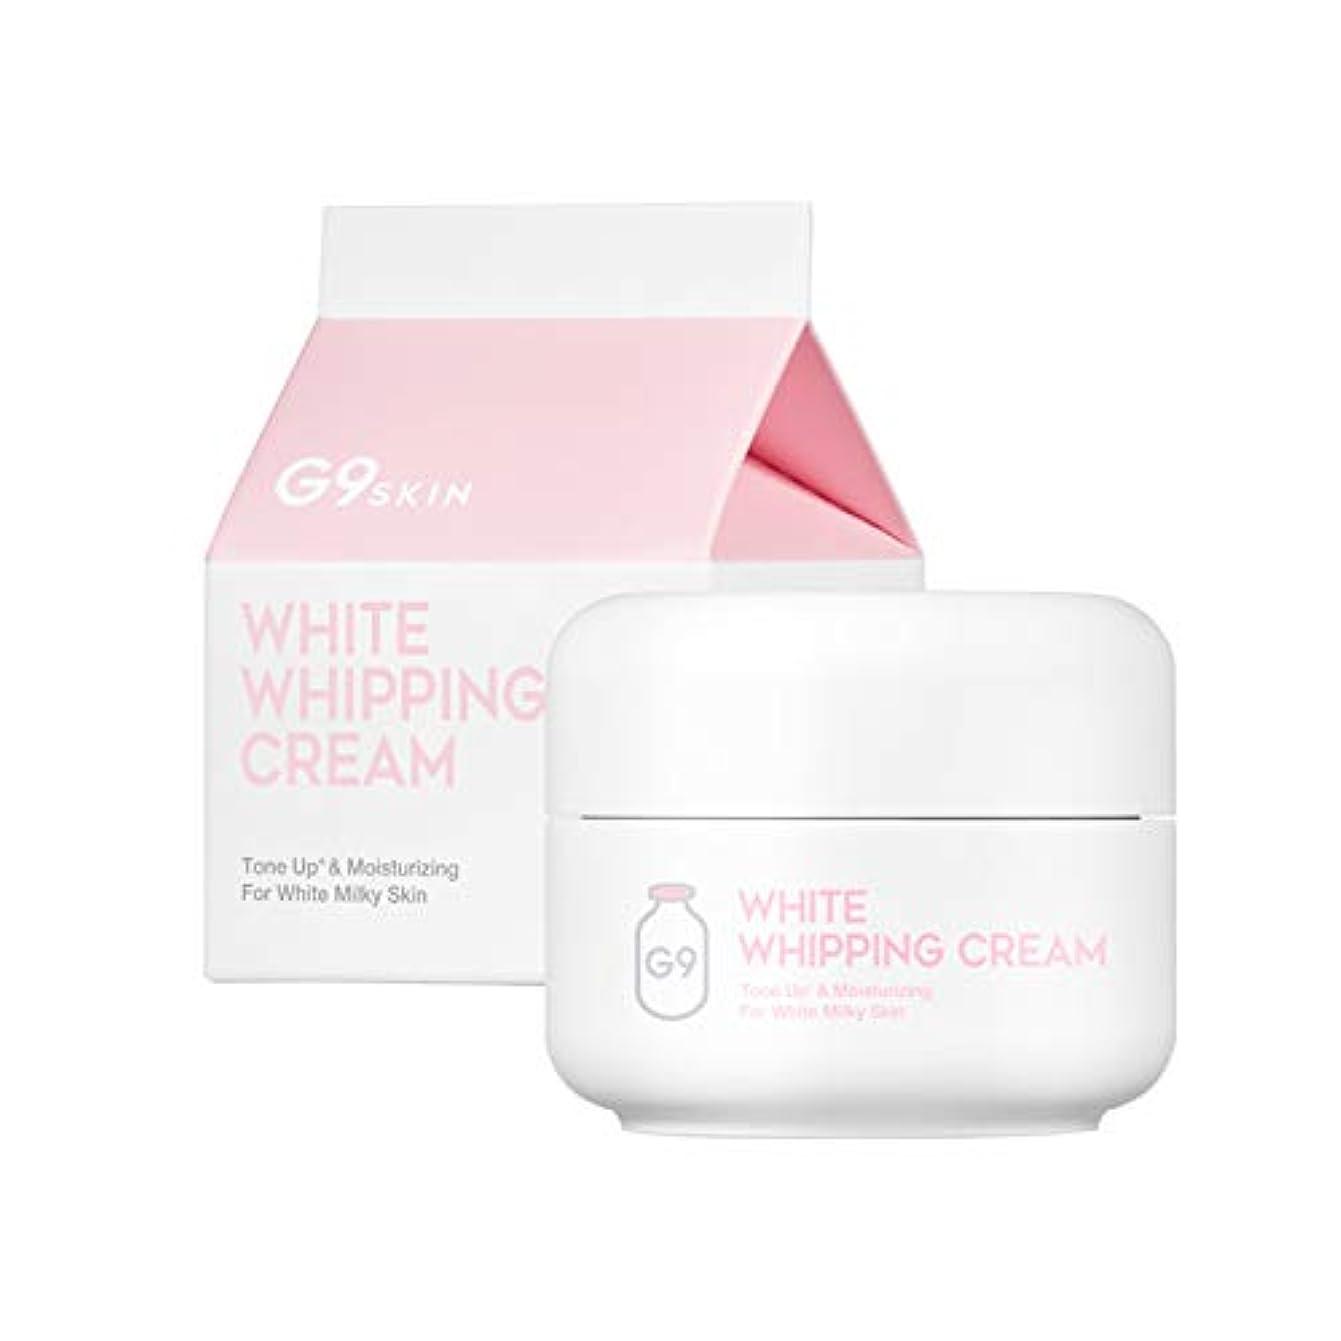 灌漑洋服有罪G9SKIN(ベリサム) ホワイト イン 生クリーム WHITE IN WHIPPING CREAM 50g